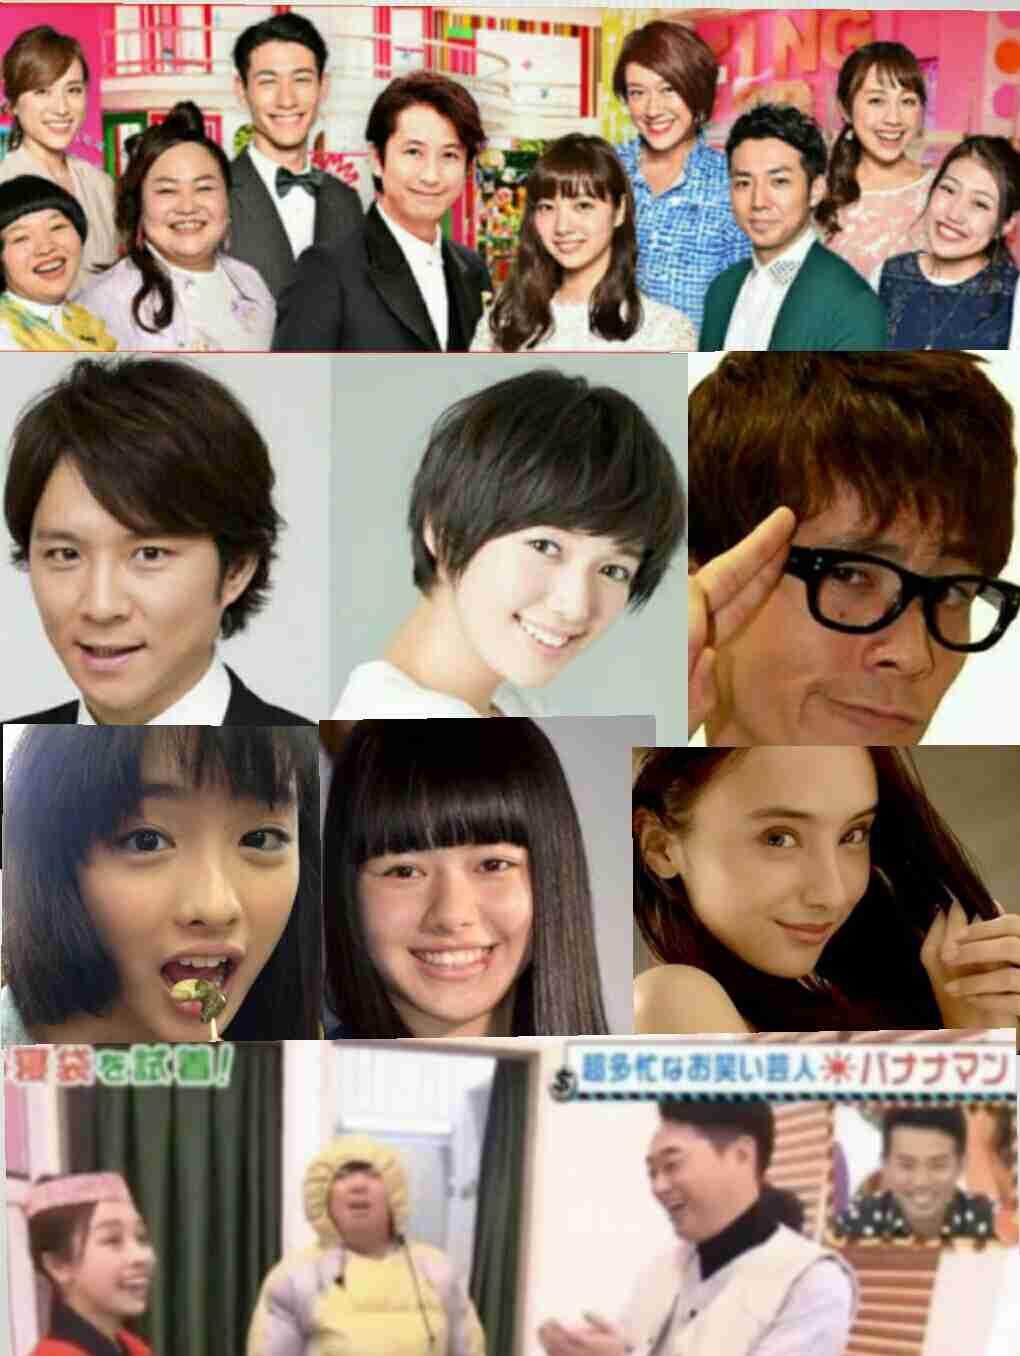 『王様のブランチ』新レギュラーに藤森慎吾&美女3人 石田ニコル、大友花恋、山本舞香